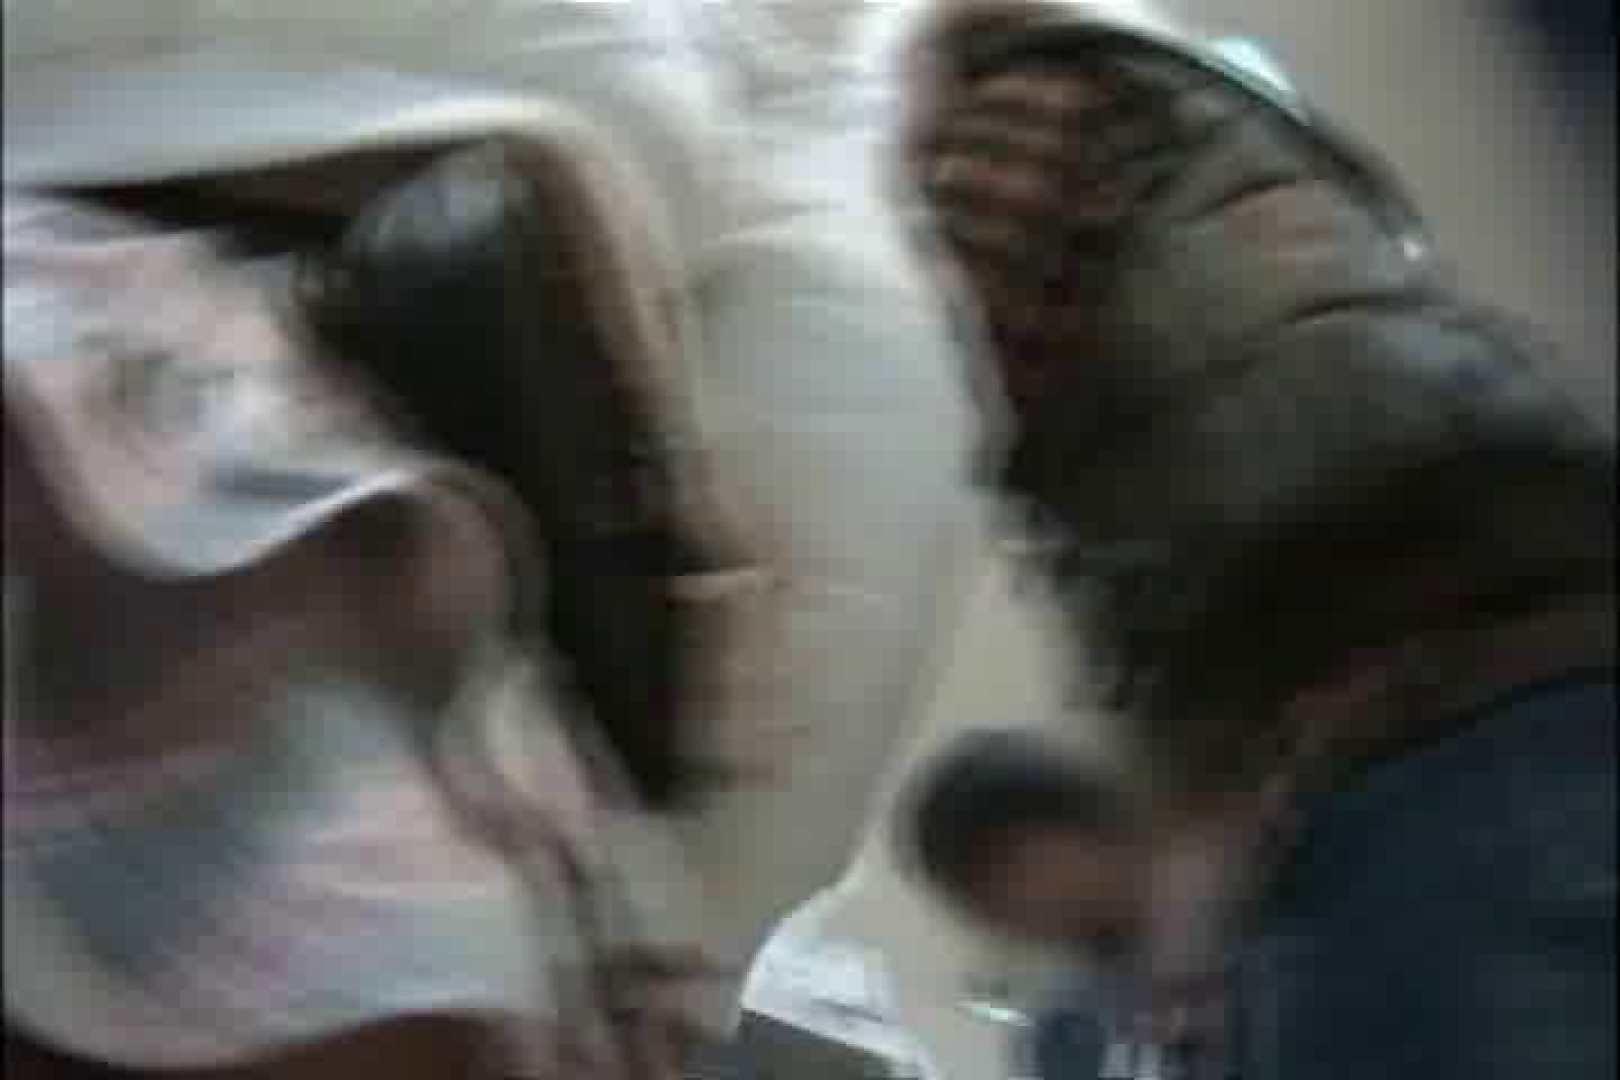 カメラぶっこみ!パンチラ奪取!!Vol.6 美しいOLの裸体 おまんこ無修正動画無料 87pic 71